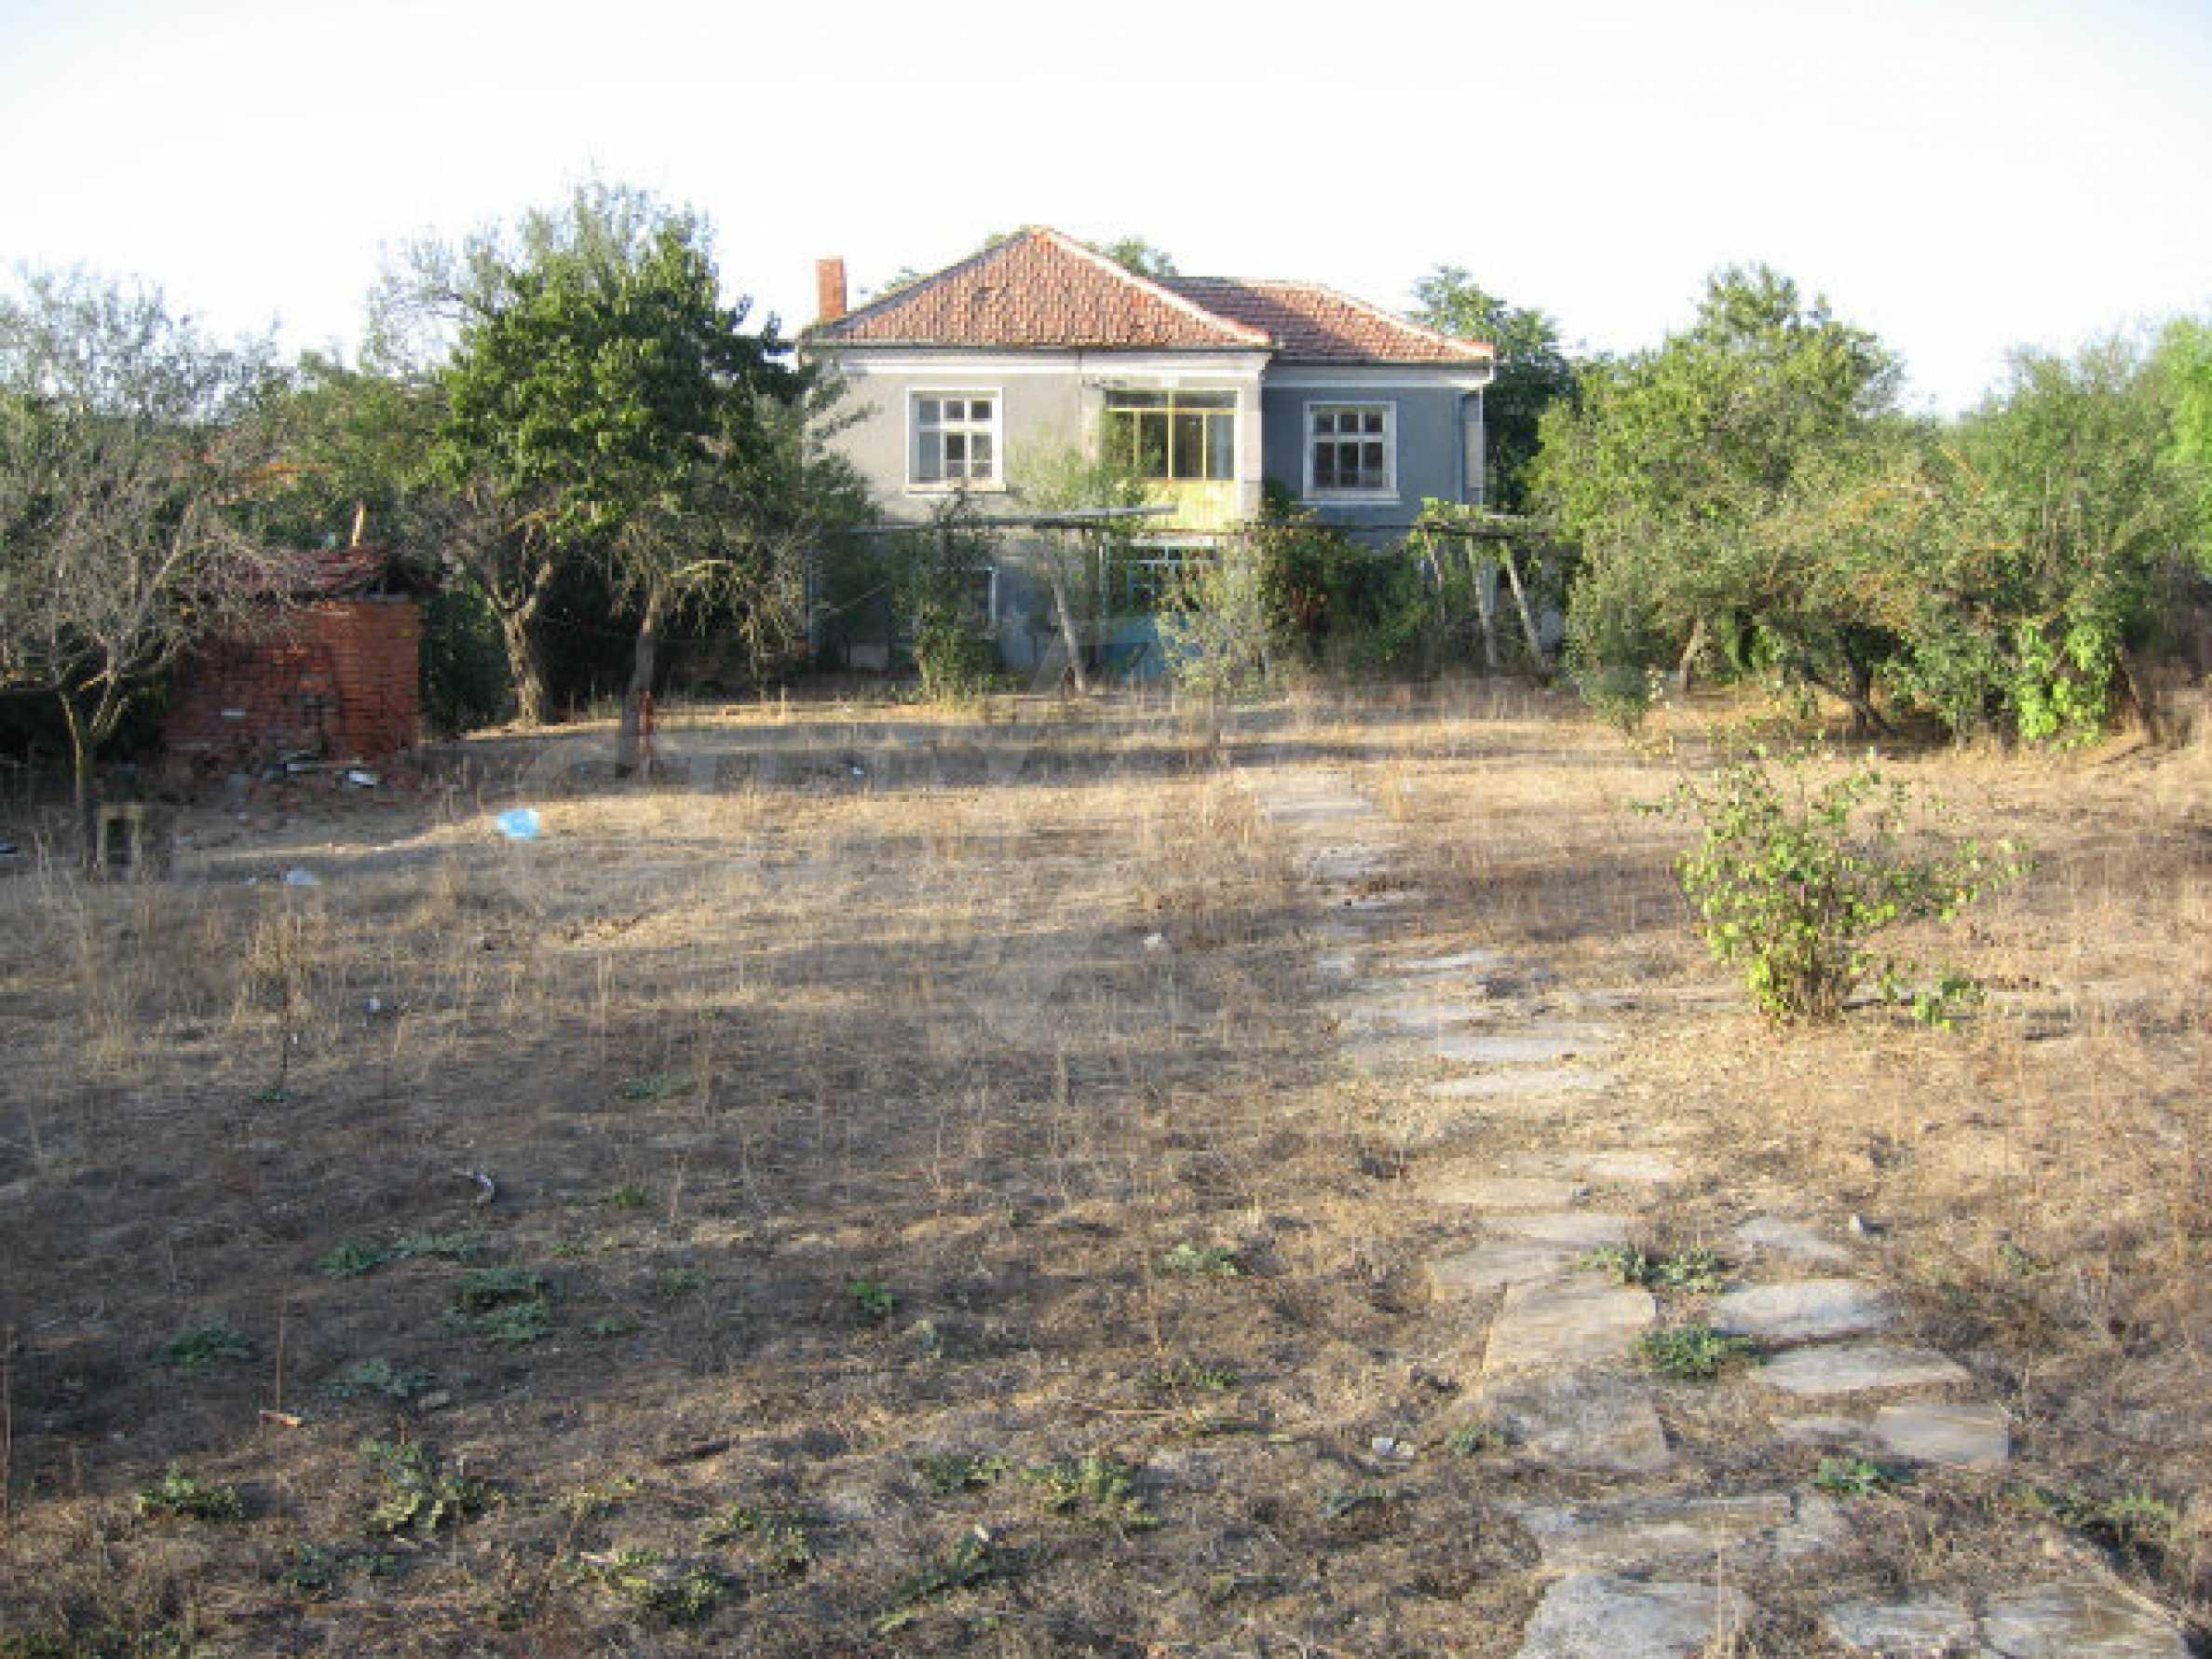 Sonniges zweistöckiges Haus in einem kleinen Dorf in der Nähe der Flüsse Tundzha und Elhovo 33